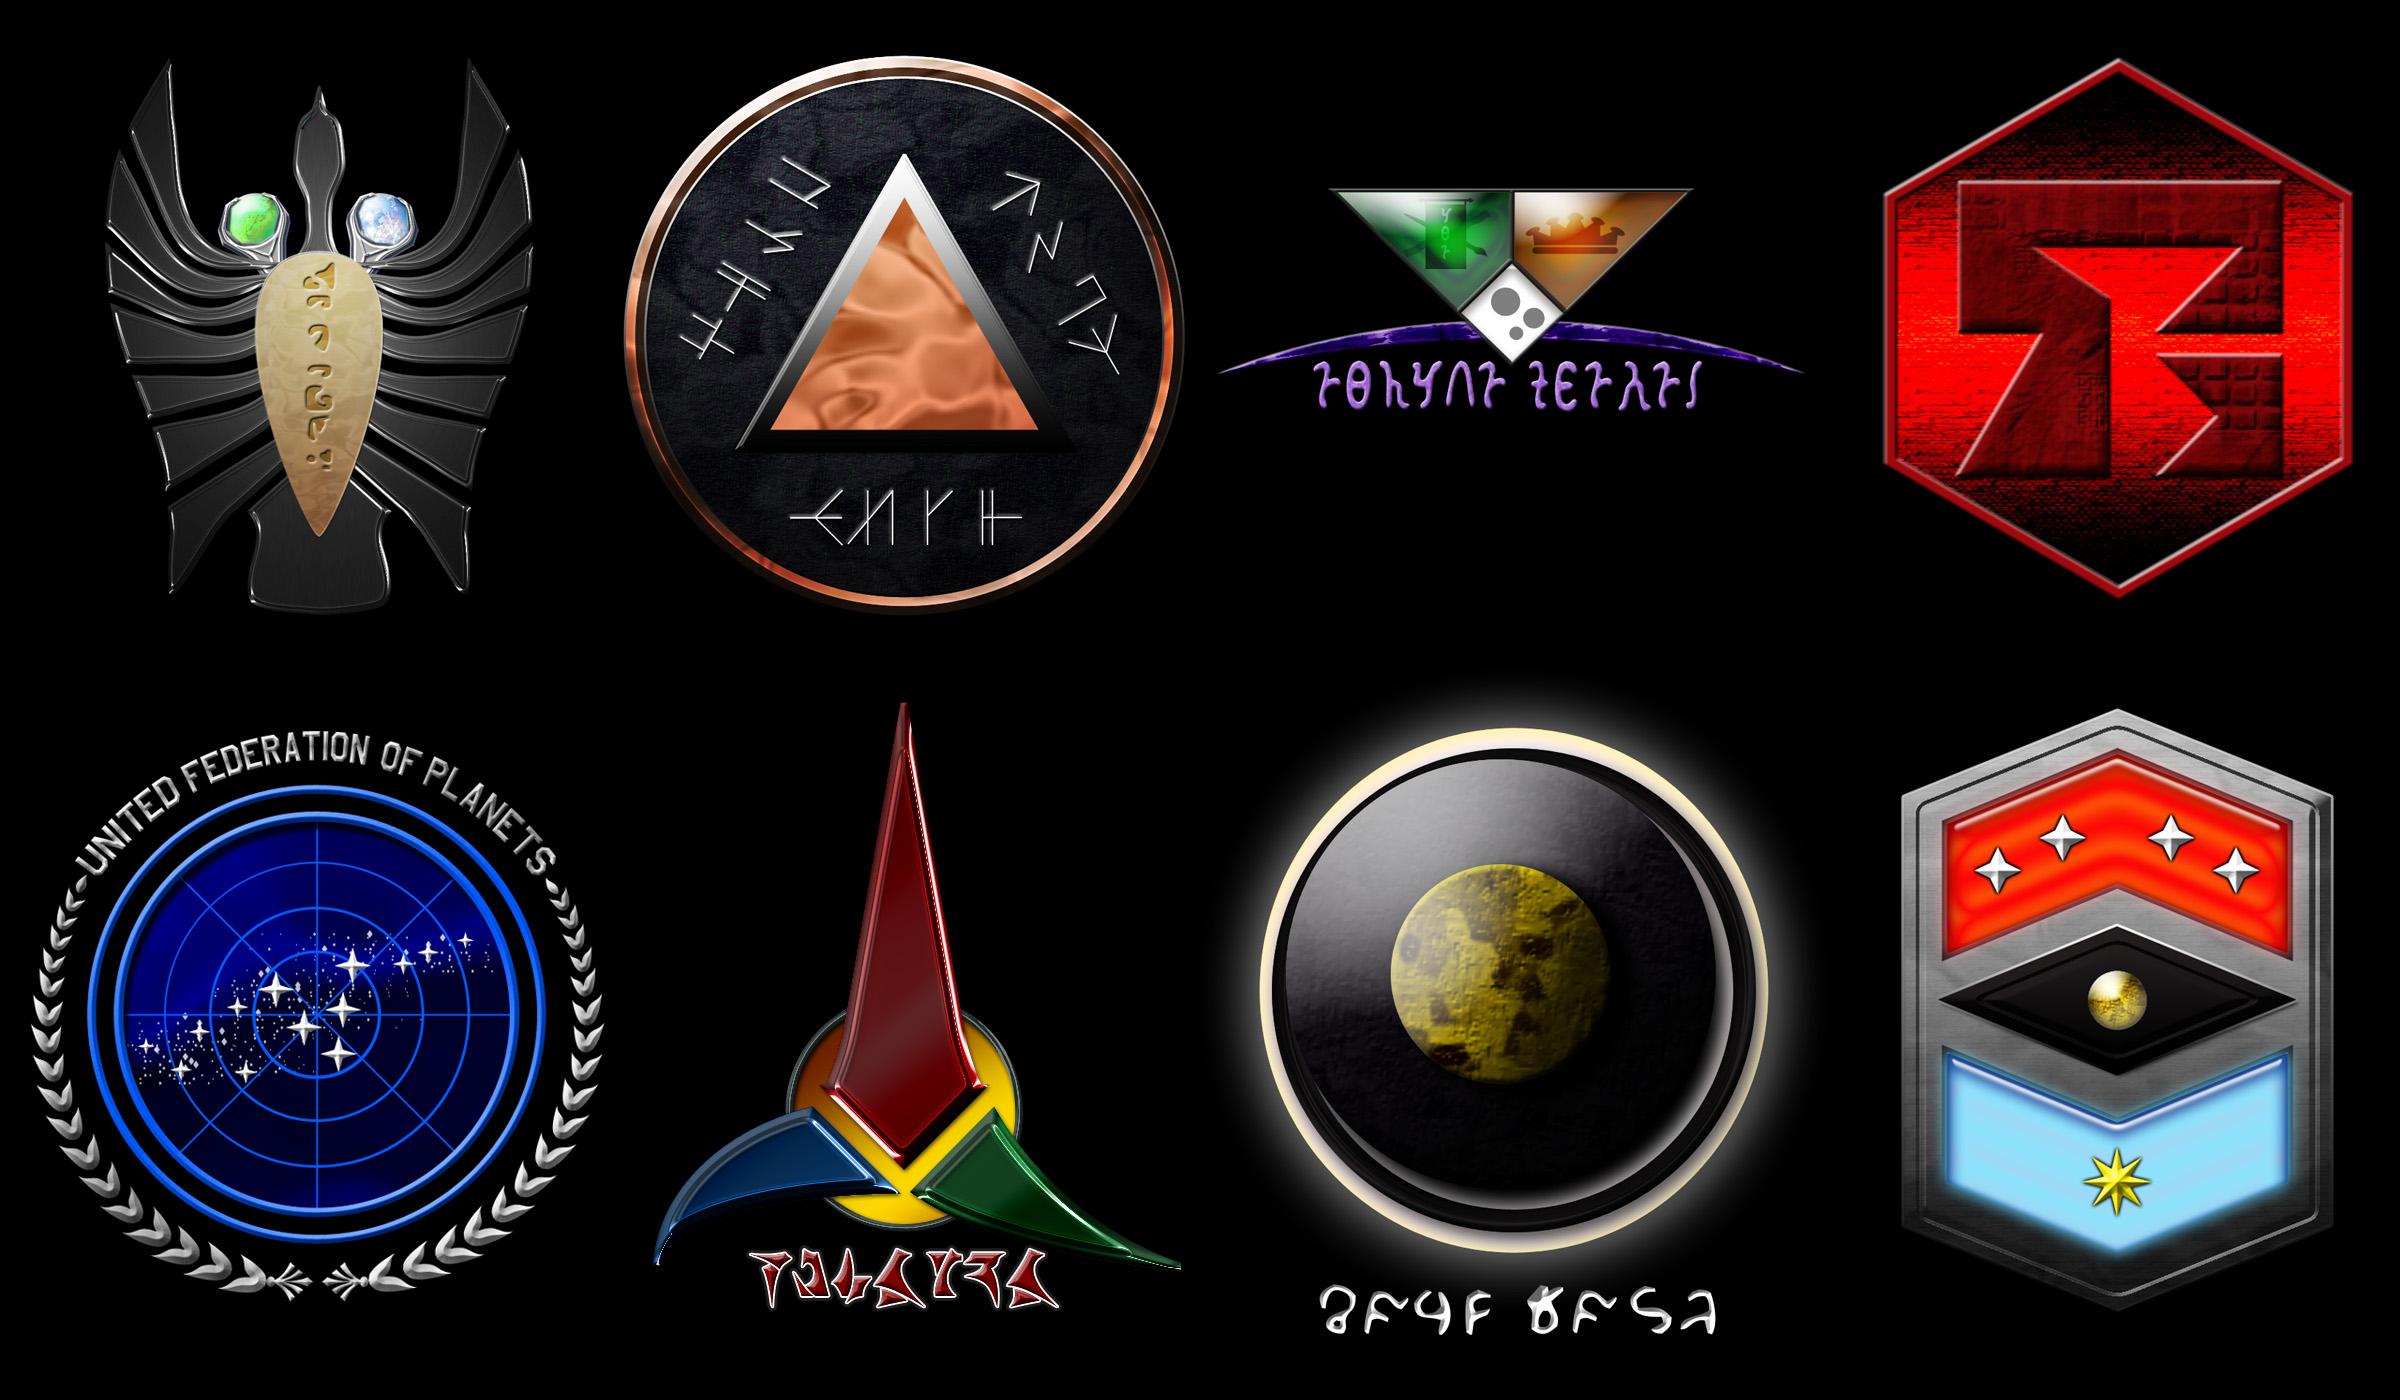 Pin Klingon Symbol Wallpaper Page 2 3 2400x1400